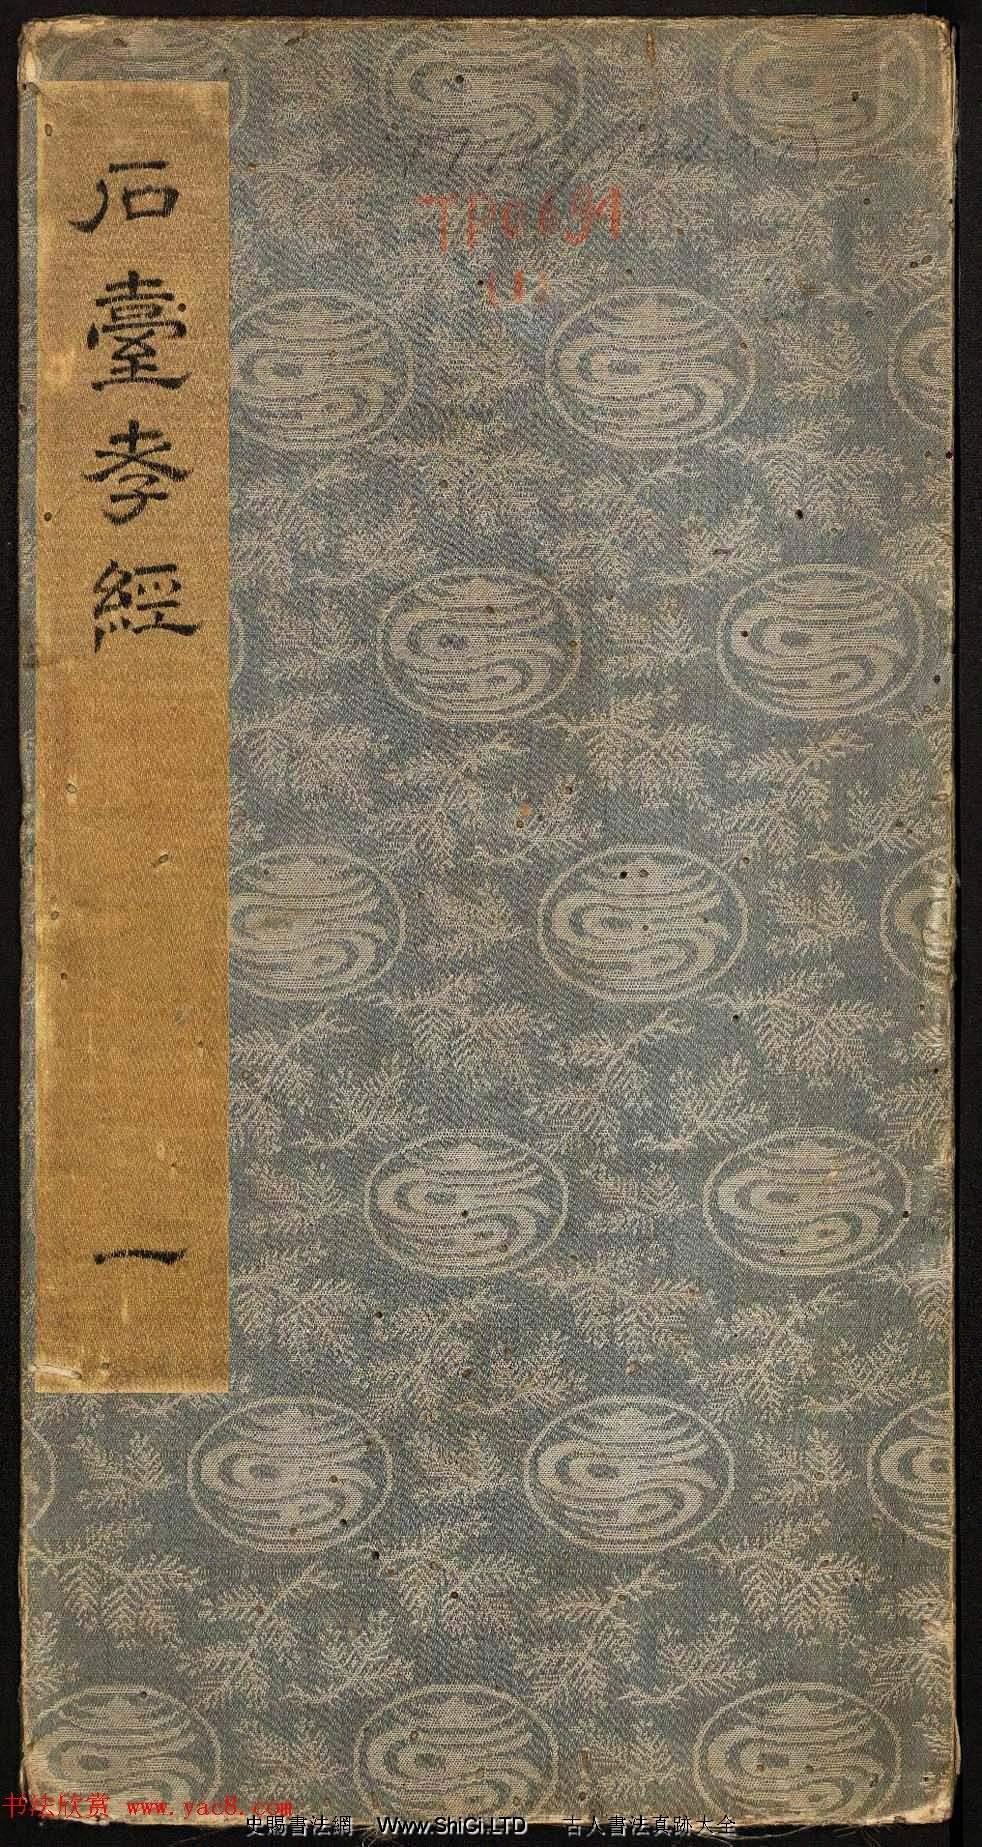 唐玄宗李隆基隸書《石台孝經》1-5冊(共20張圖片)